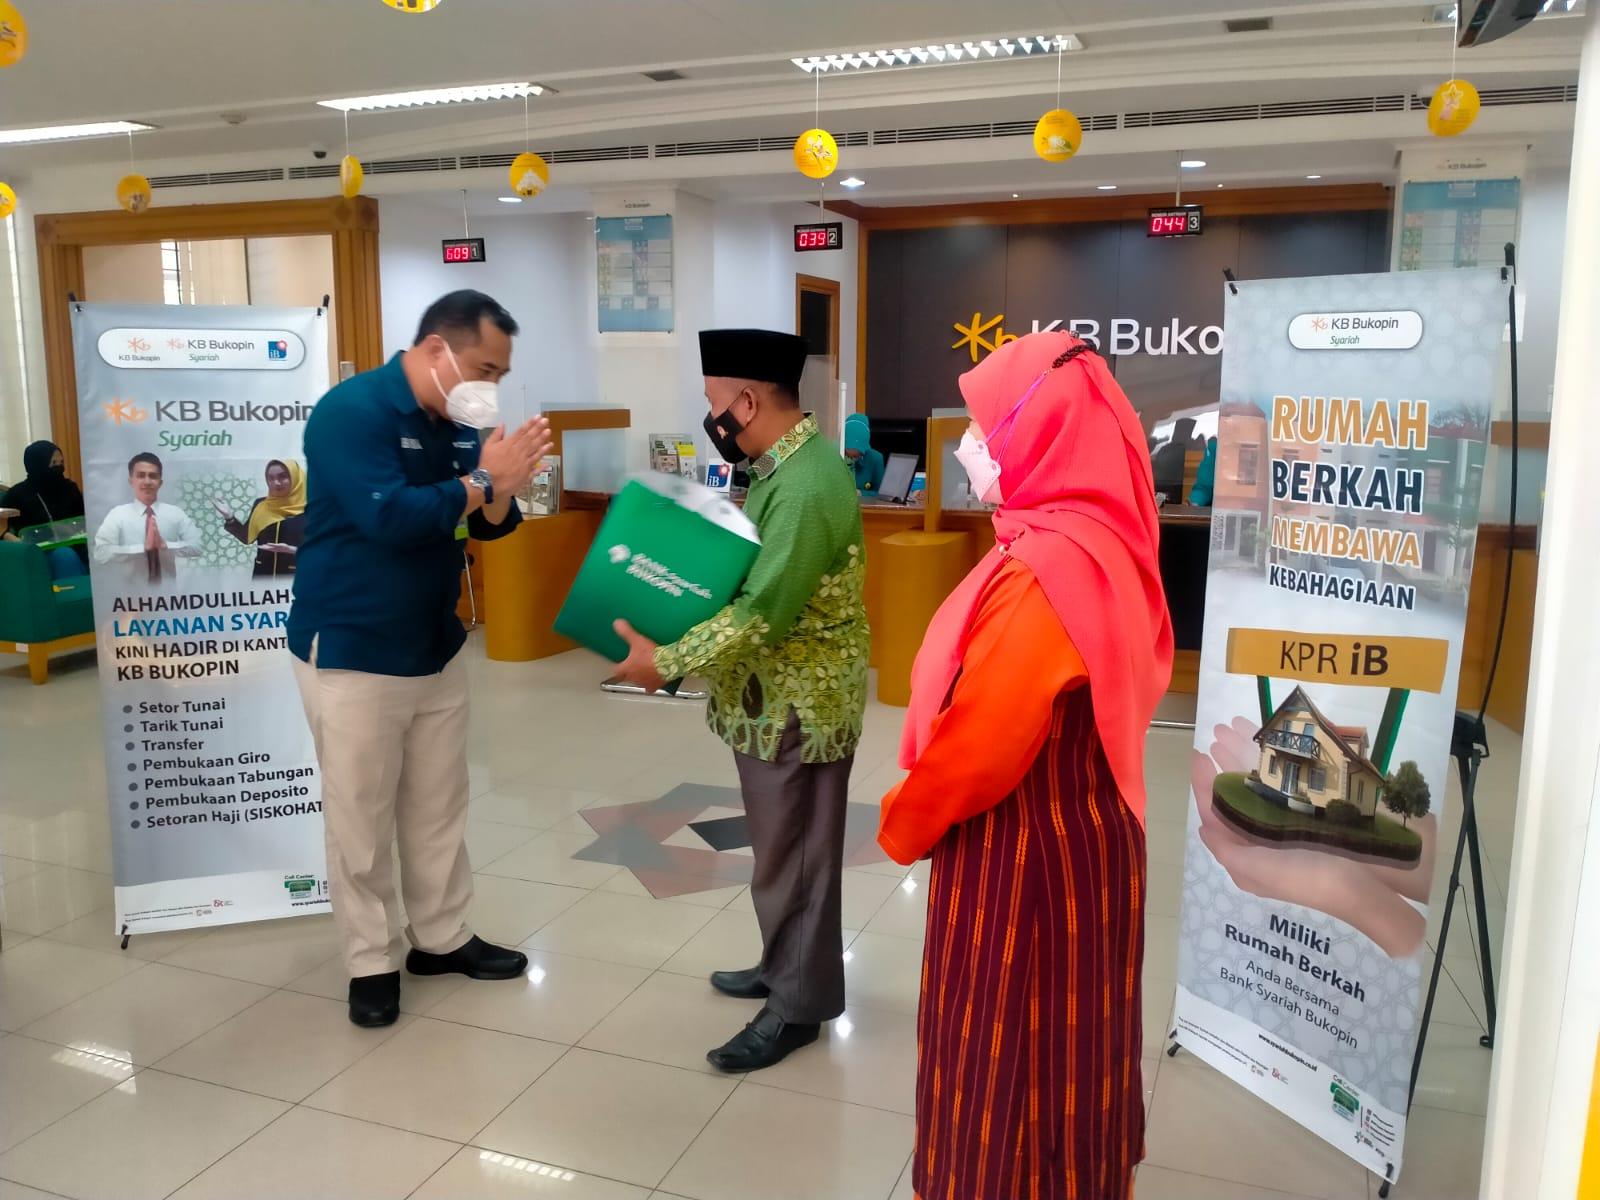 BBKP KB Bukopin Syariah Serempak Resmikan 6 Cabang Baru – Infobanknews